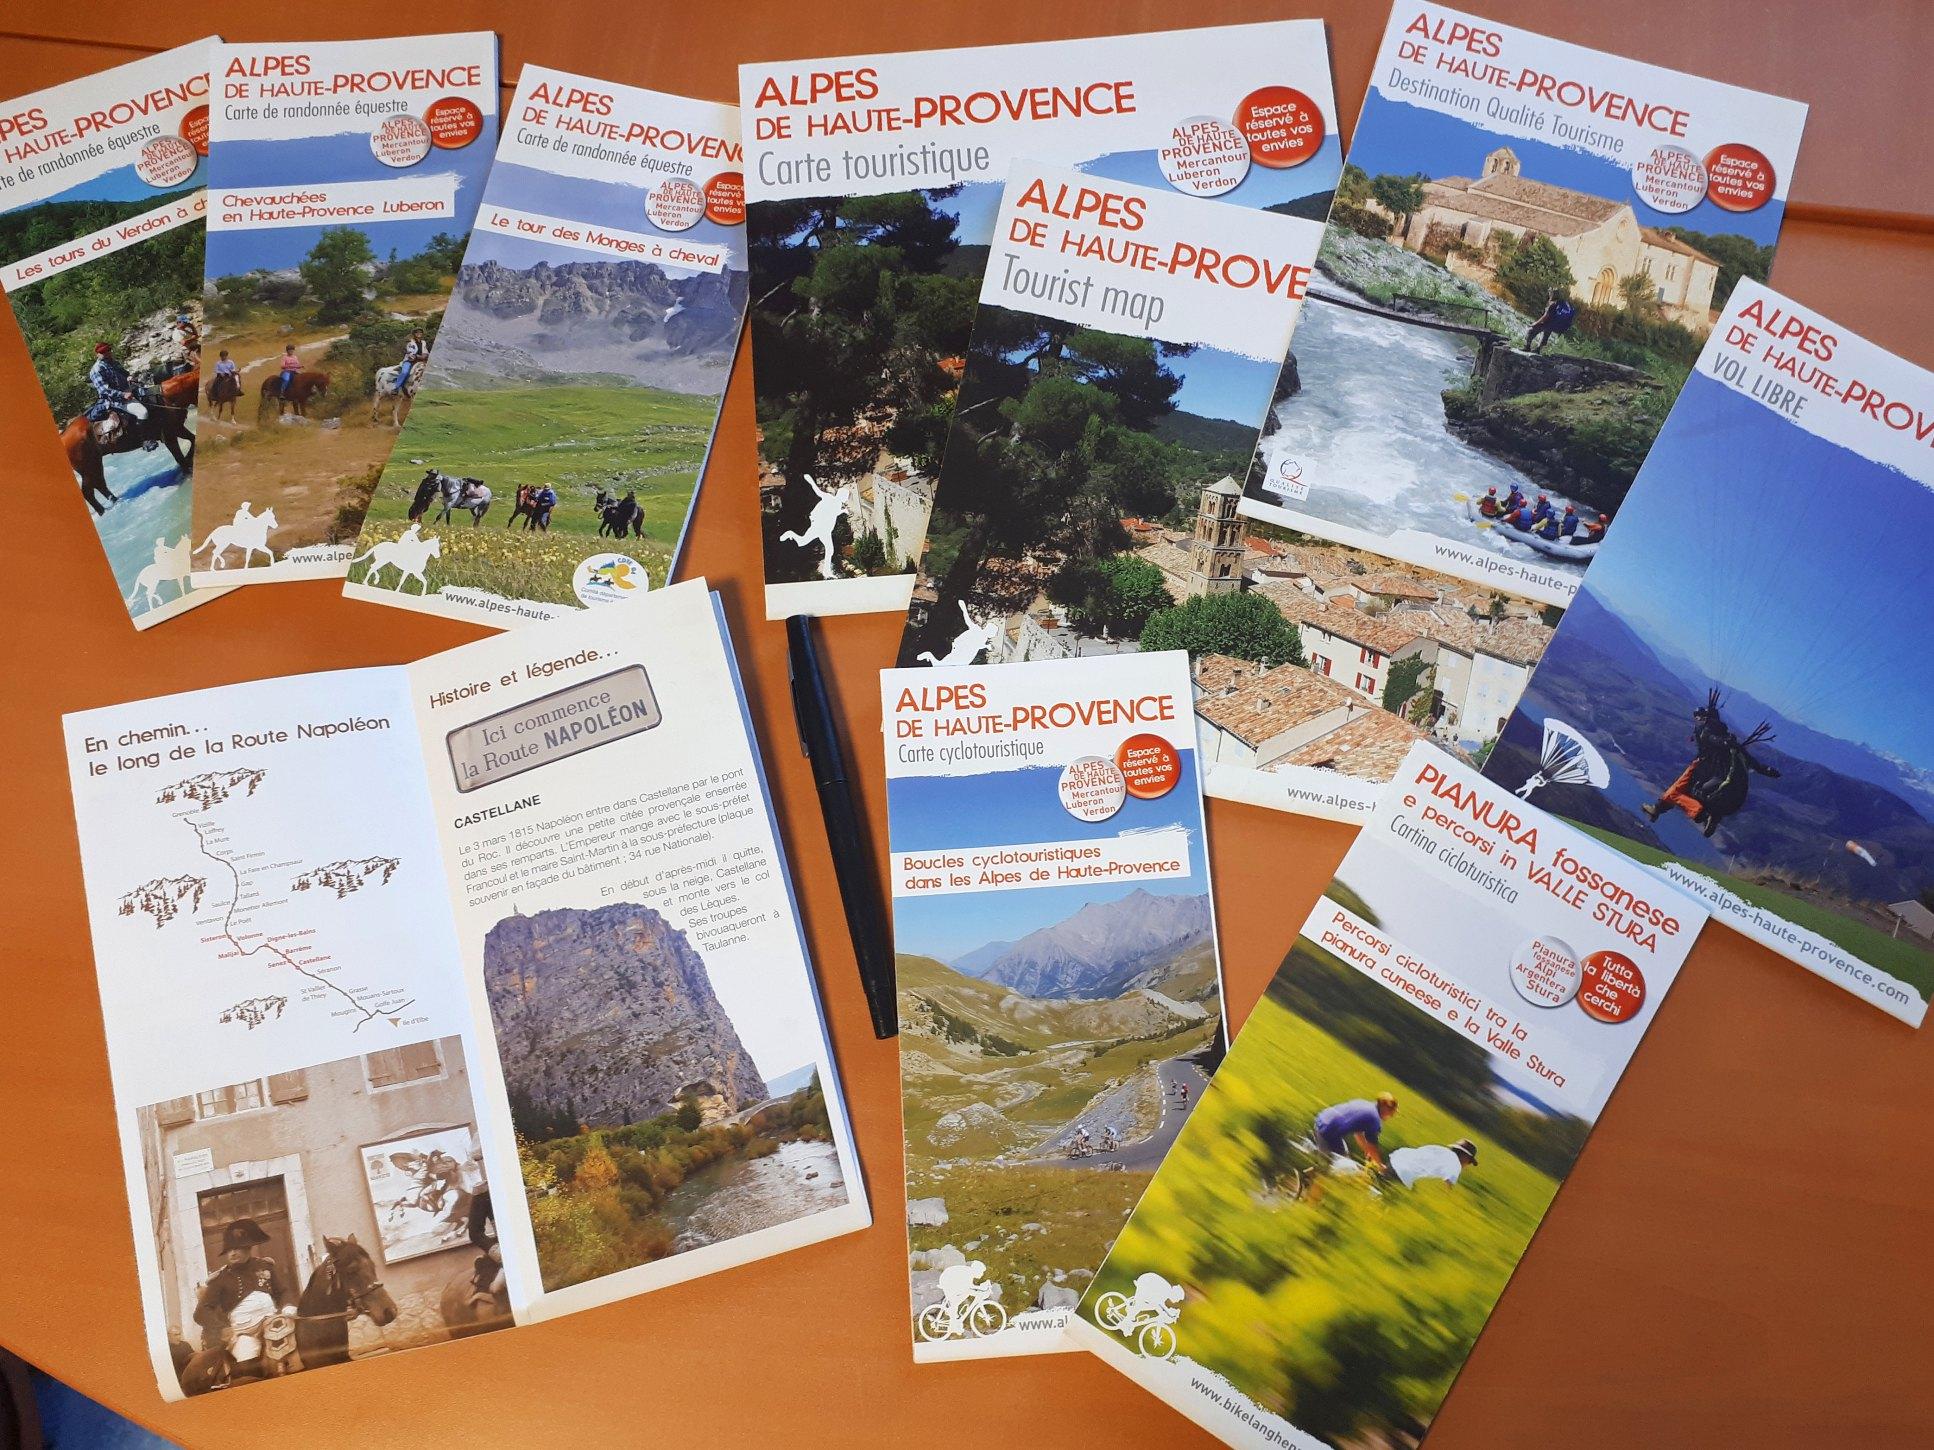 vaucluse tourisme brochures